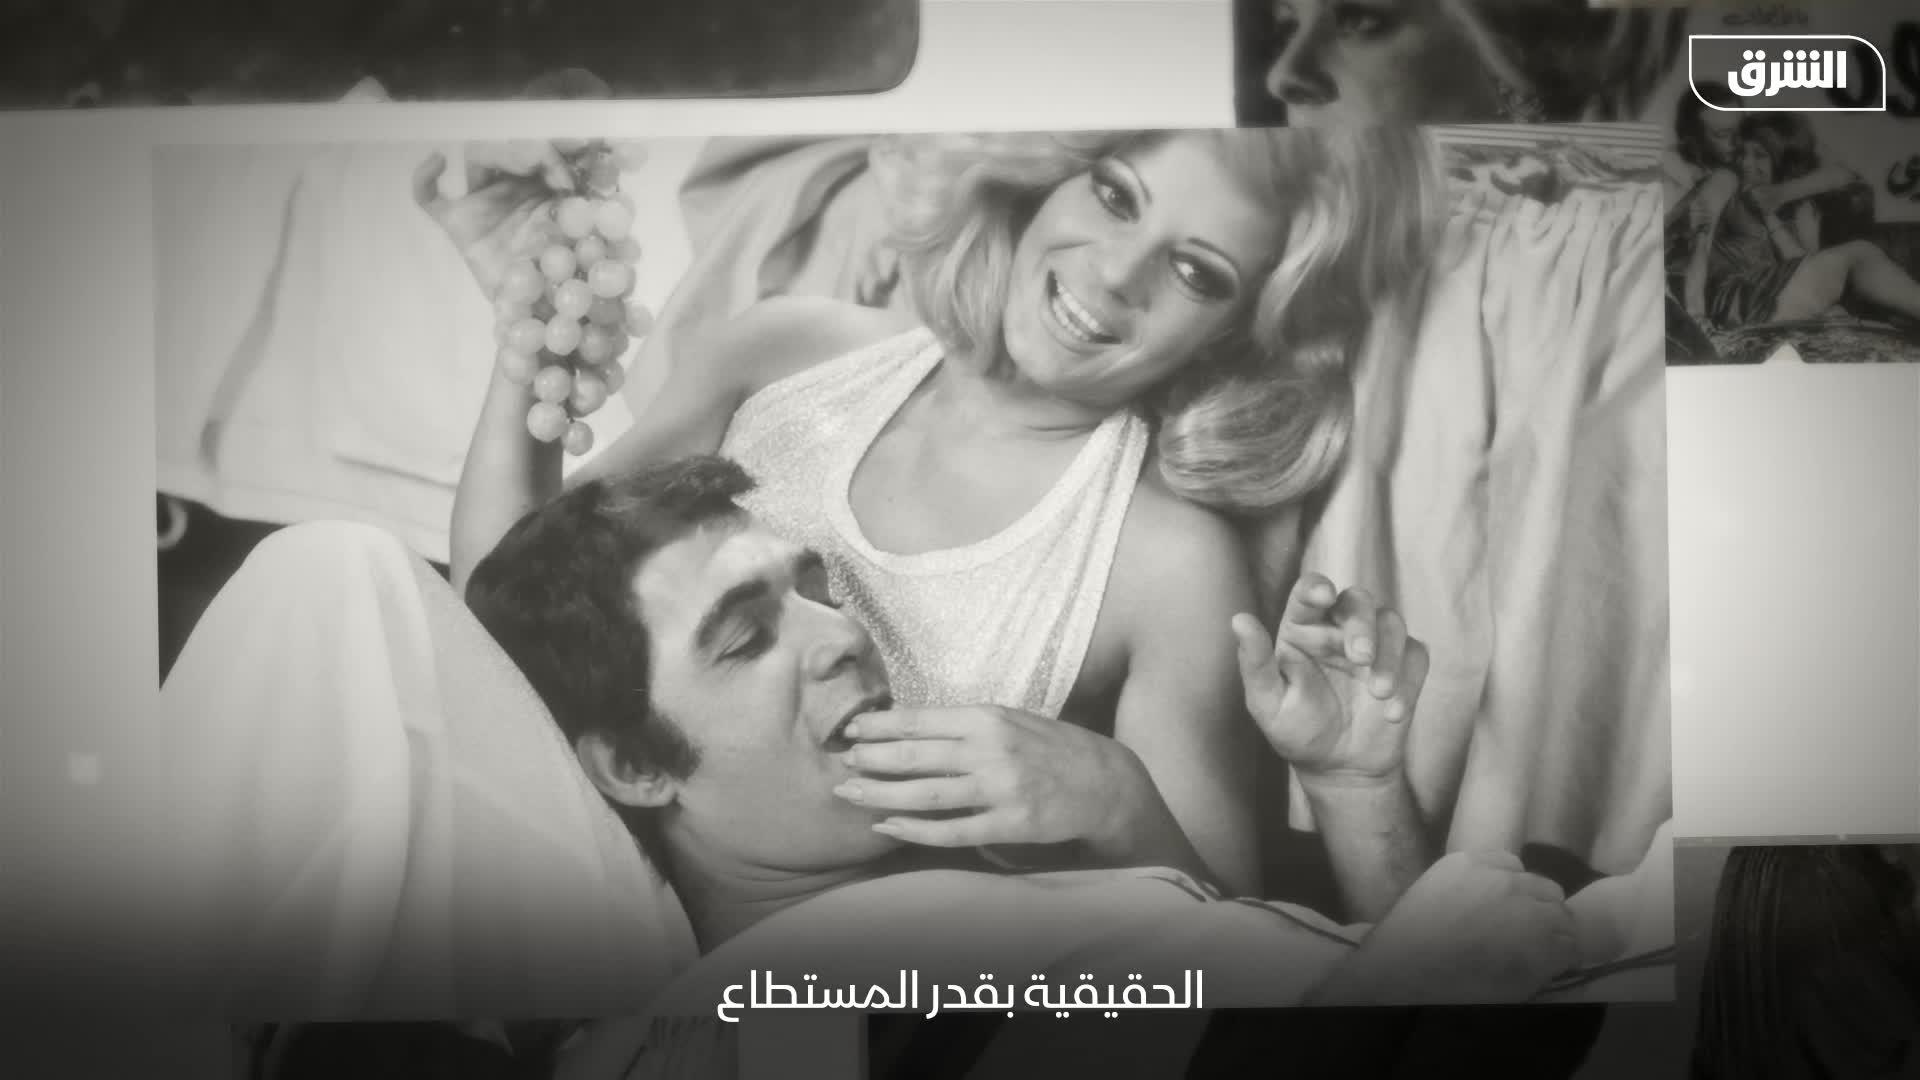 اسمي بولا - مذكرات الفنانة نادية لطفي- ح3